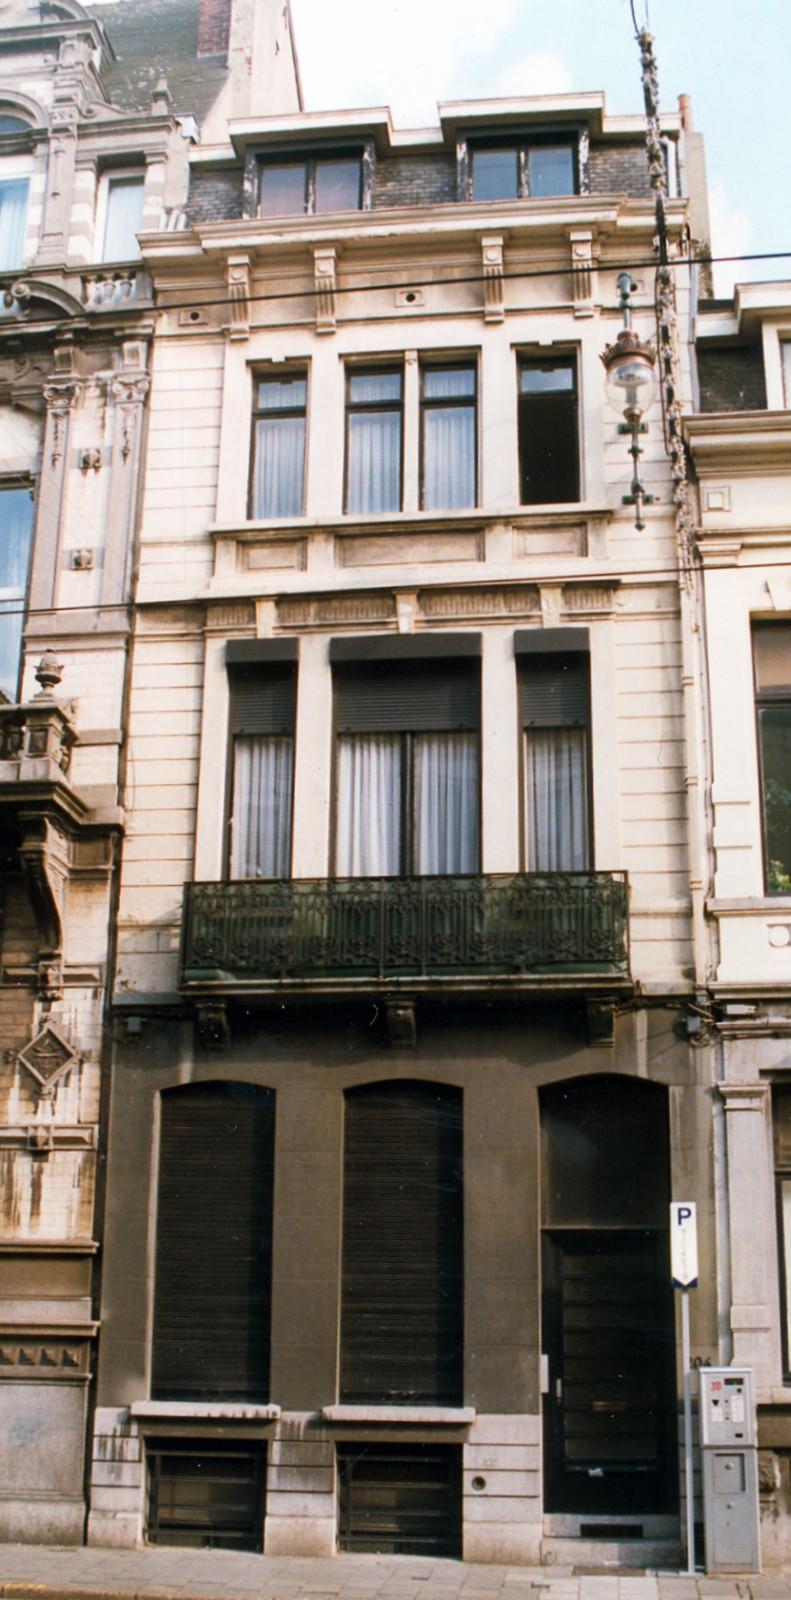 Chaussée de Charleroi 206., 1998